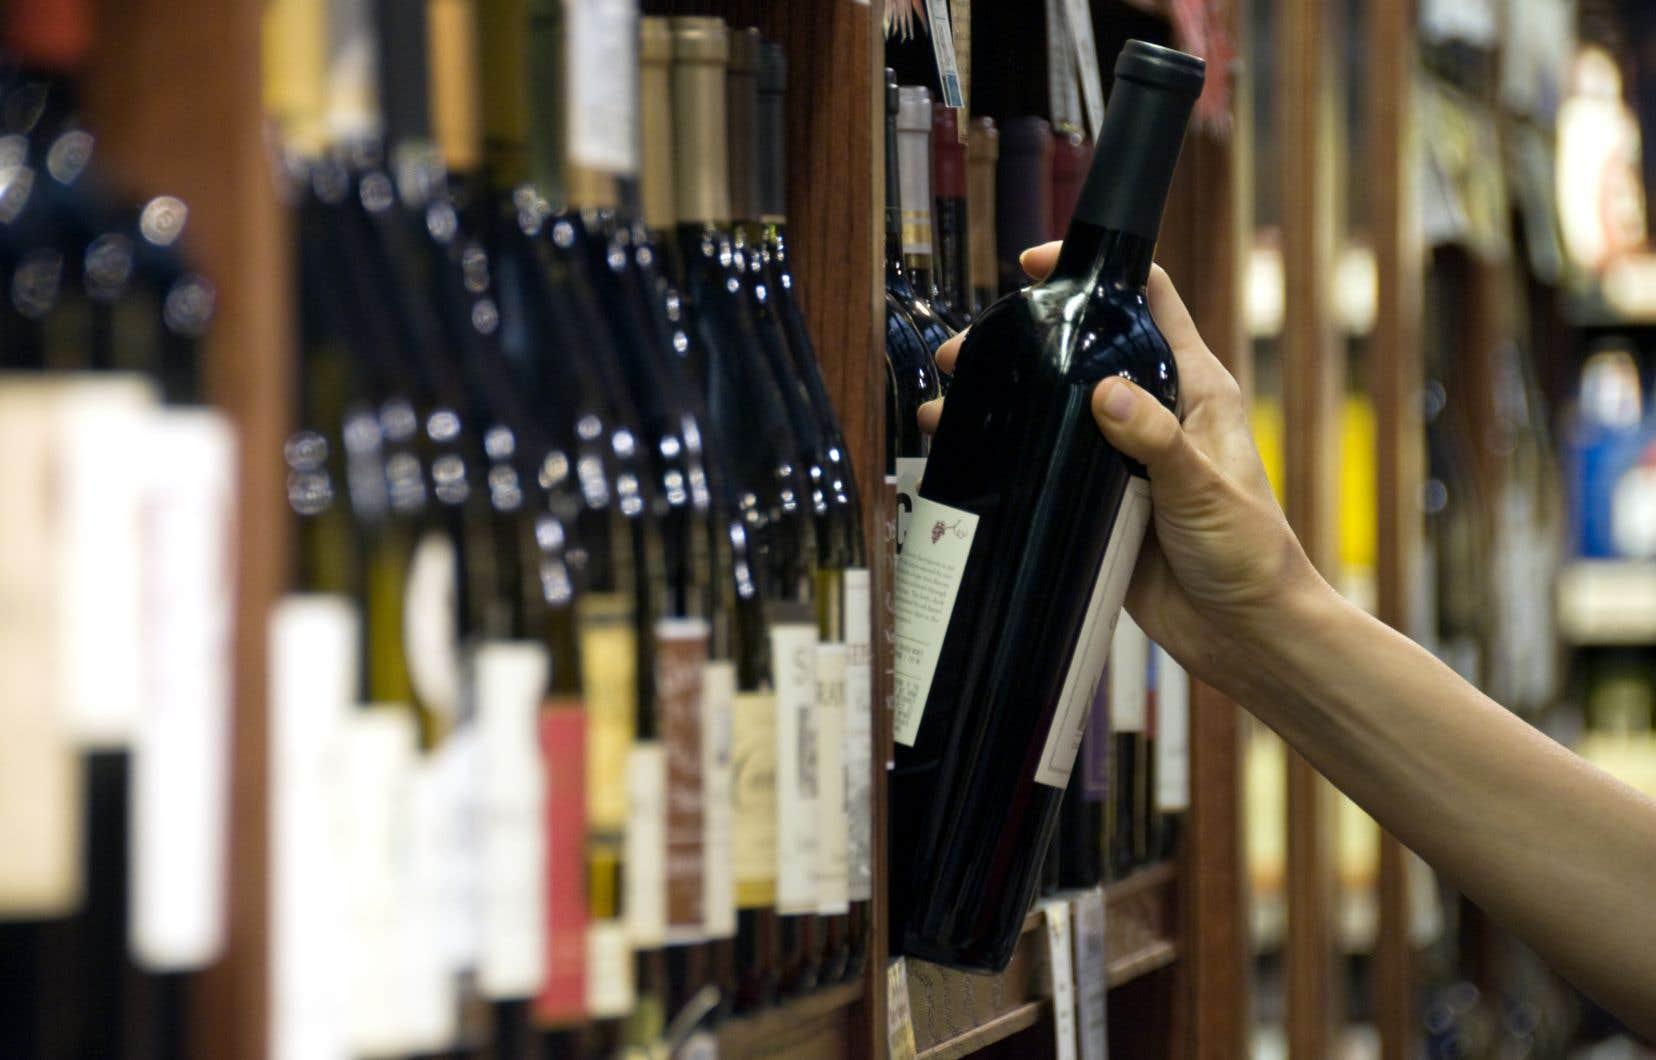 Le ministre Lionel Carmant a laissé entendre qu'il aurait mieux valu fixer l'âge légal pour consommer de l'alcool à 21ans.